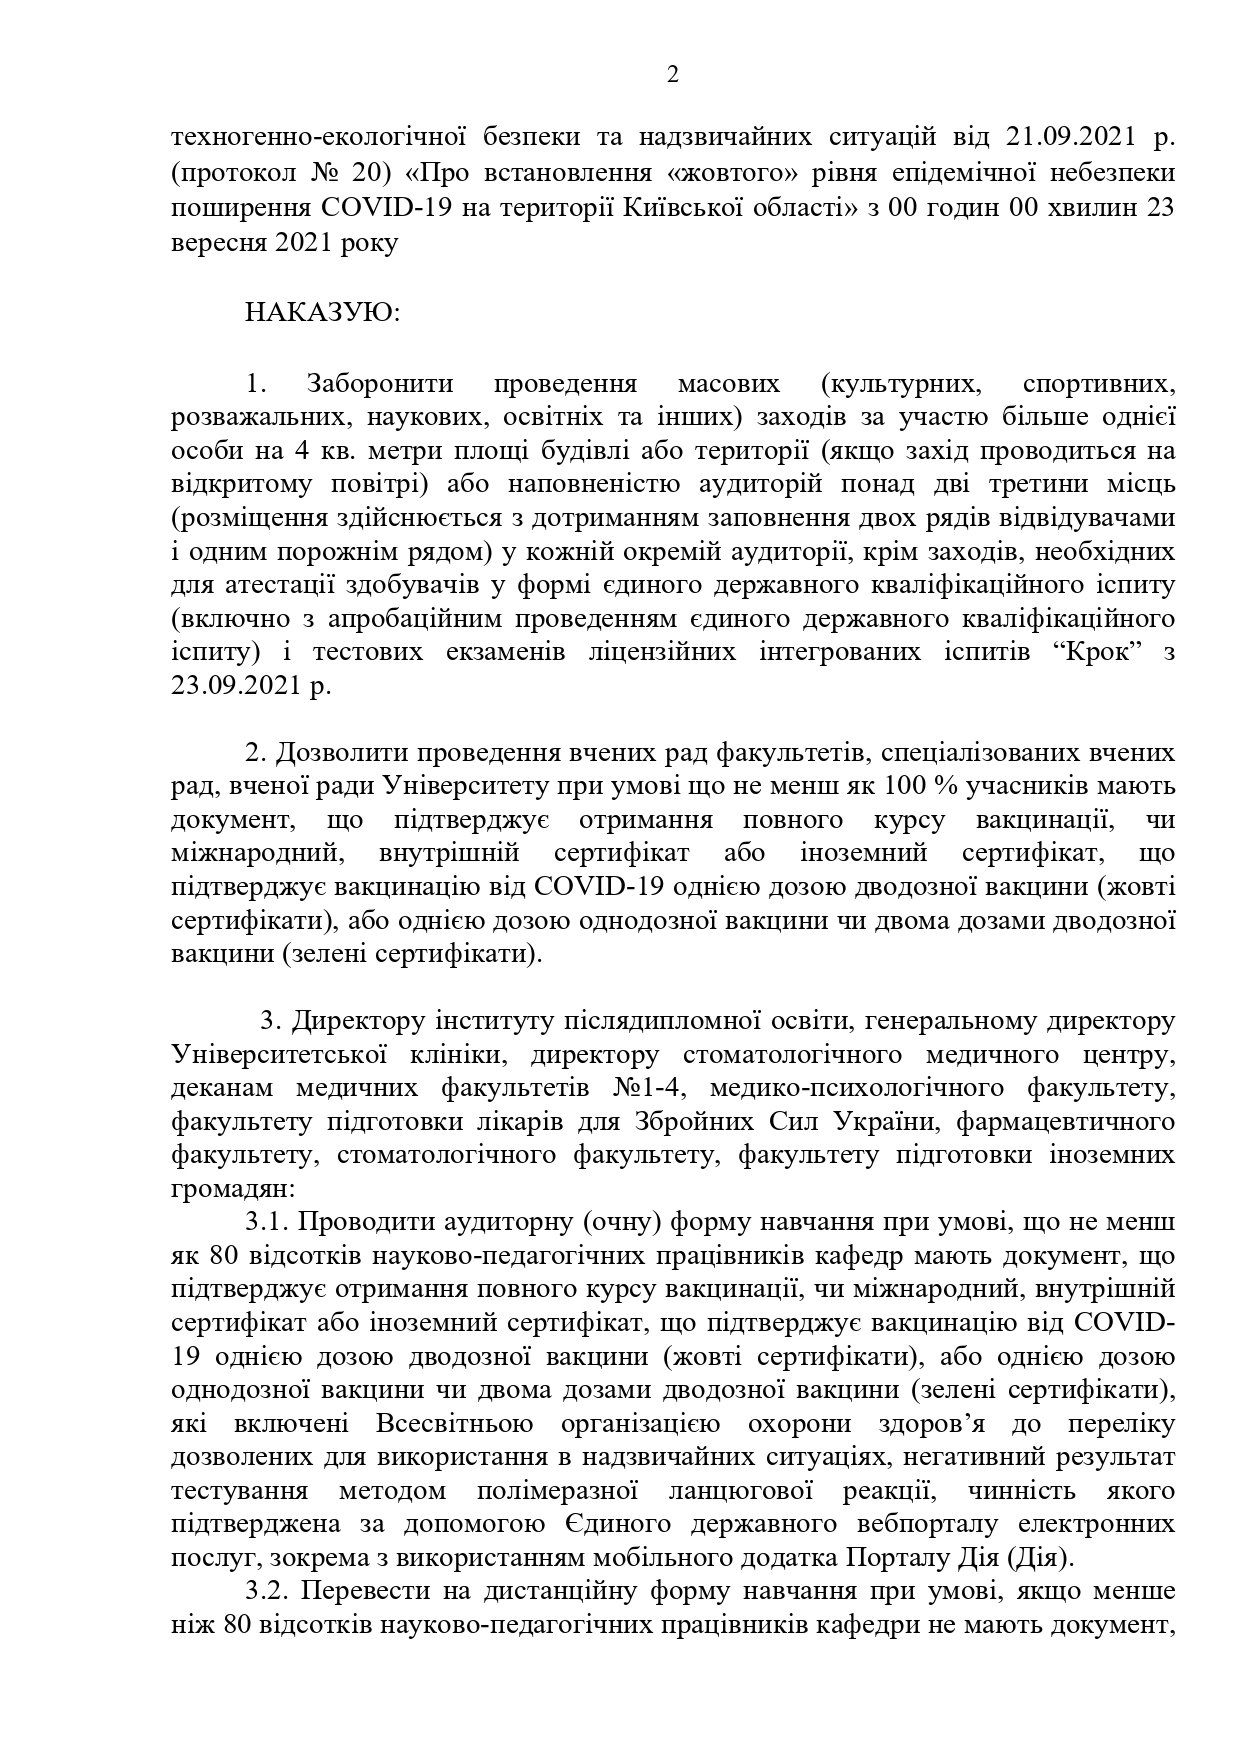 Скандал в НМУ им. Богомольца: студентов заставляют вакцинироваться - фото 6